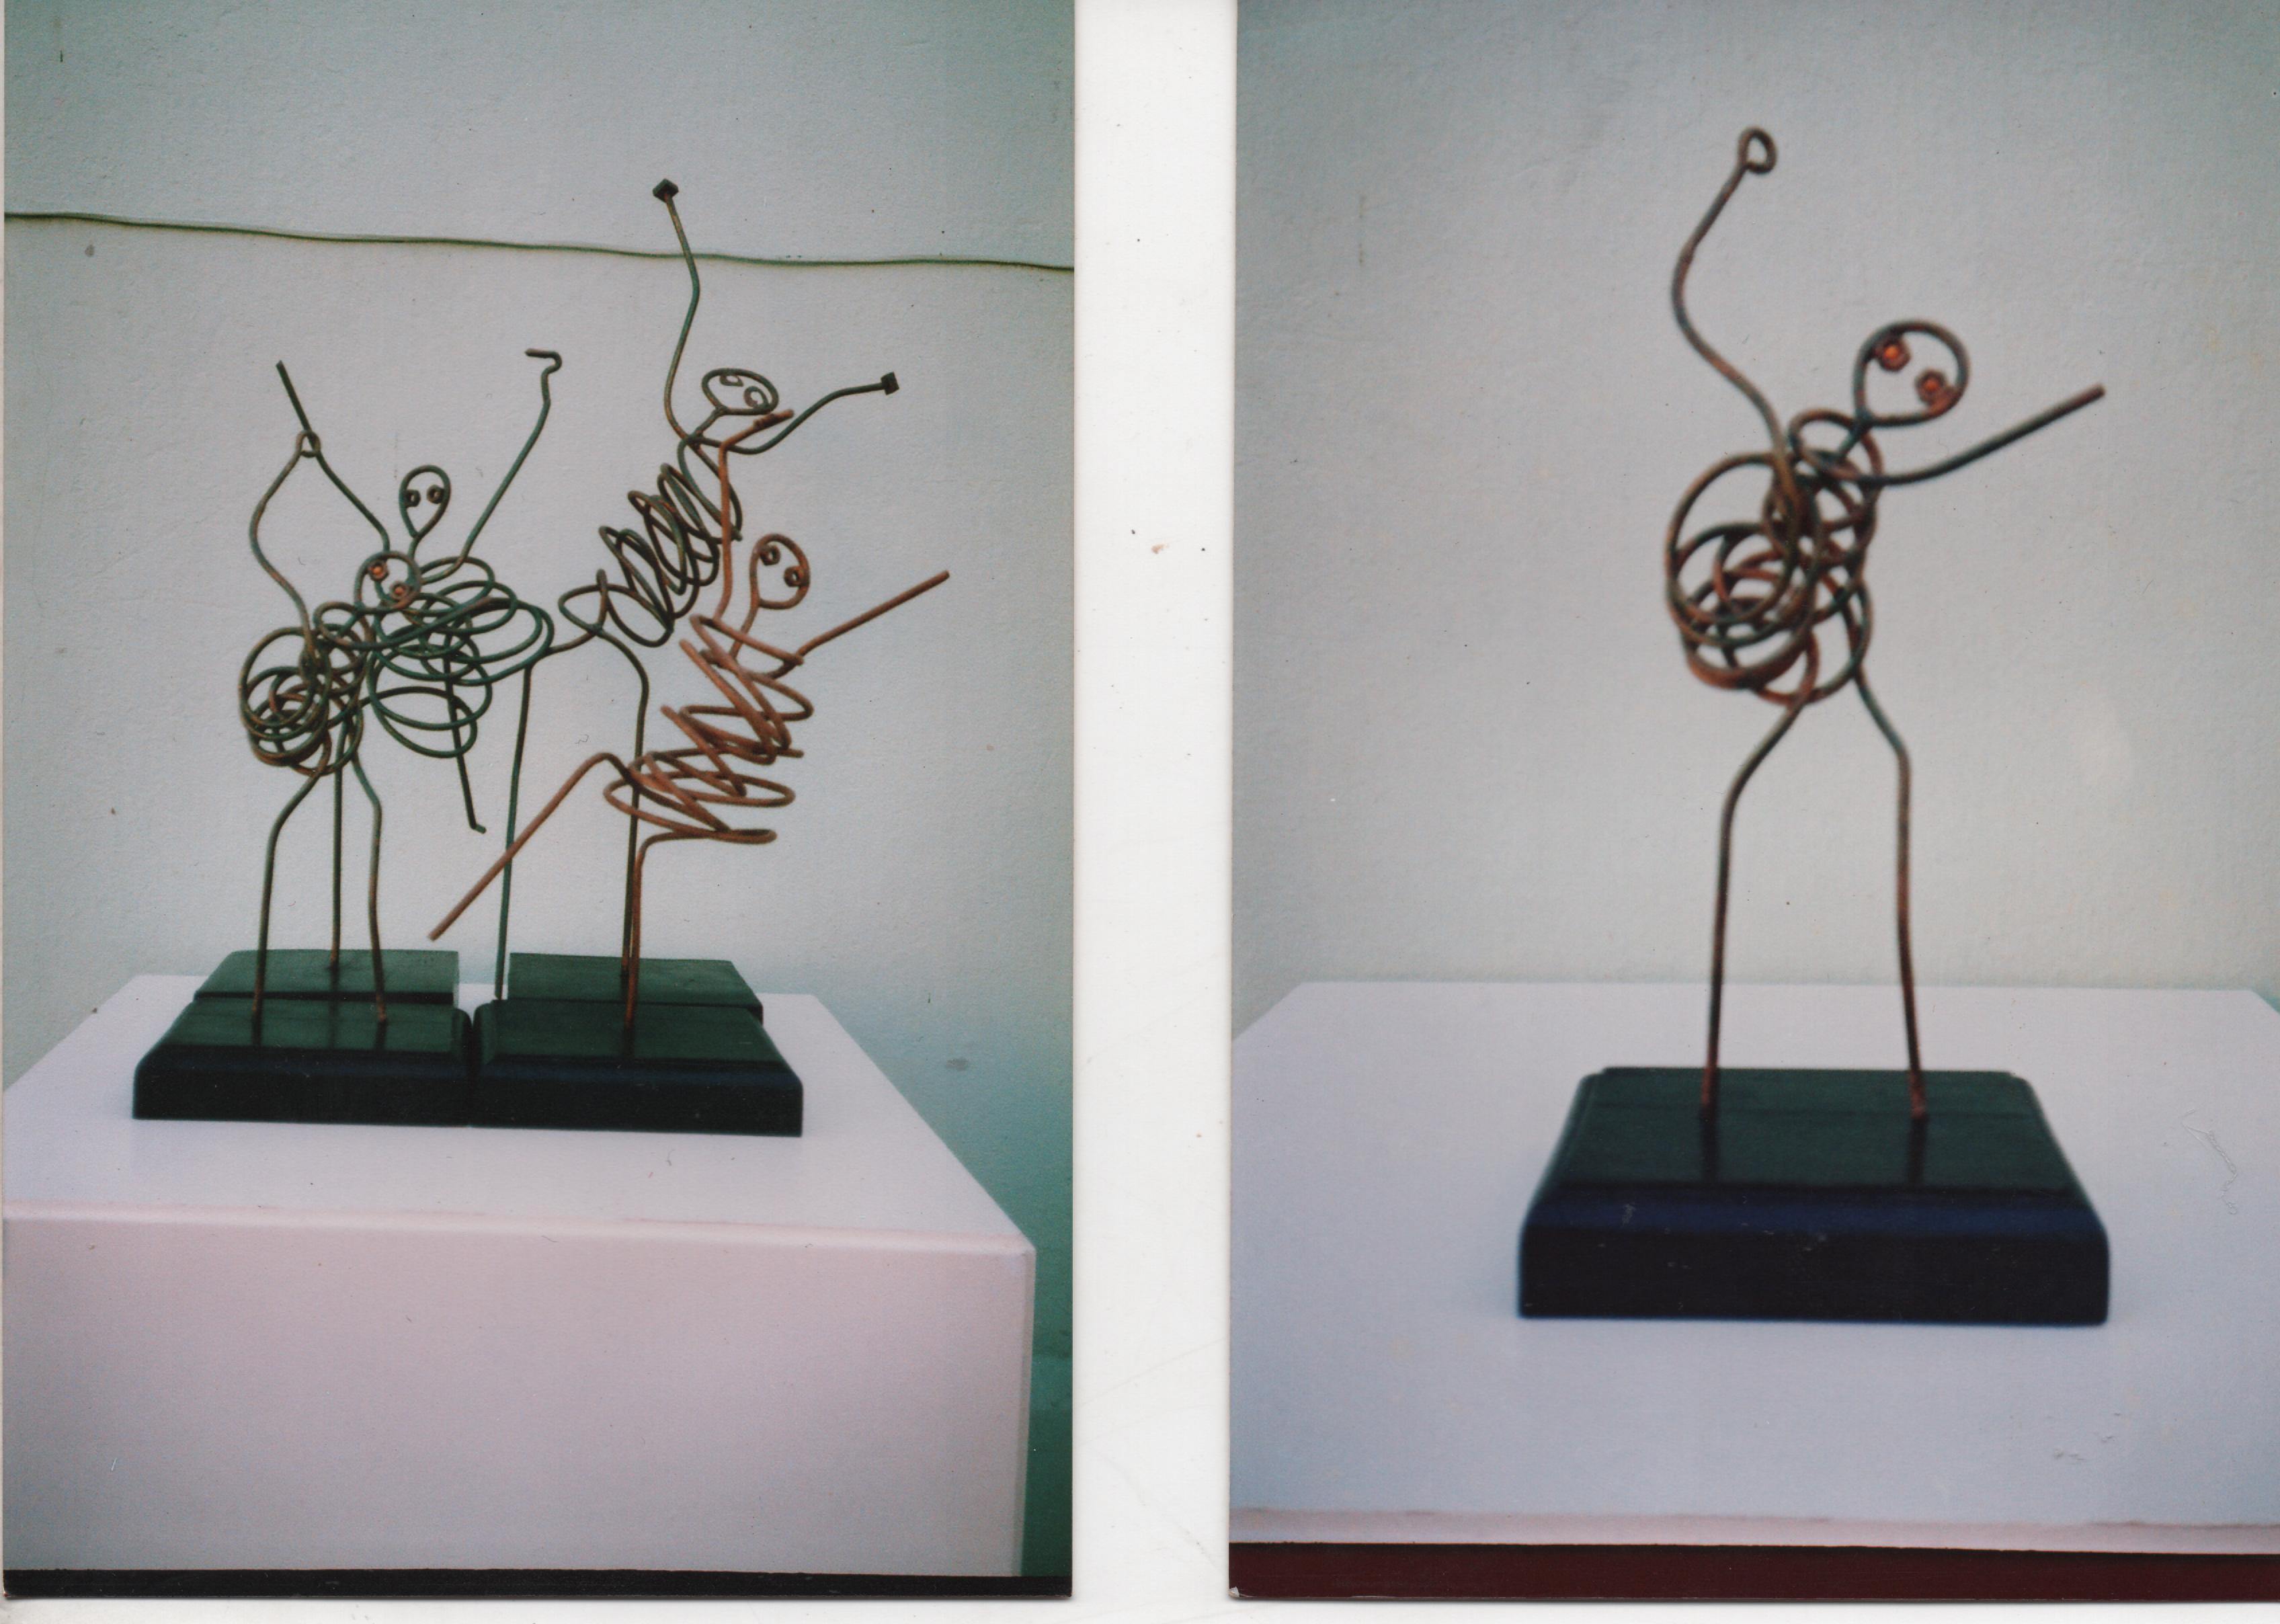 المعرض التشكيلي السنوي الثالث بطانطان يحتفي بالجماليات الصحراوية